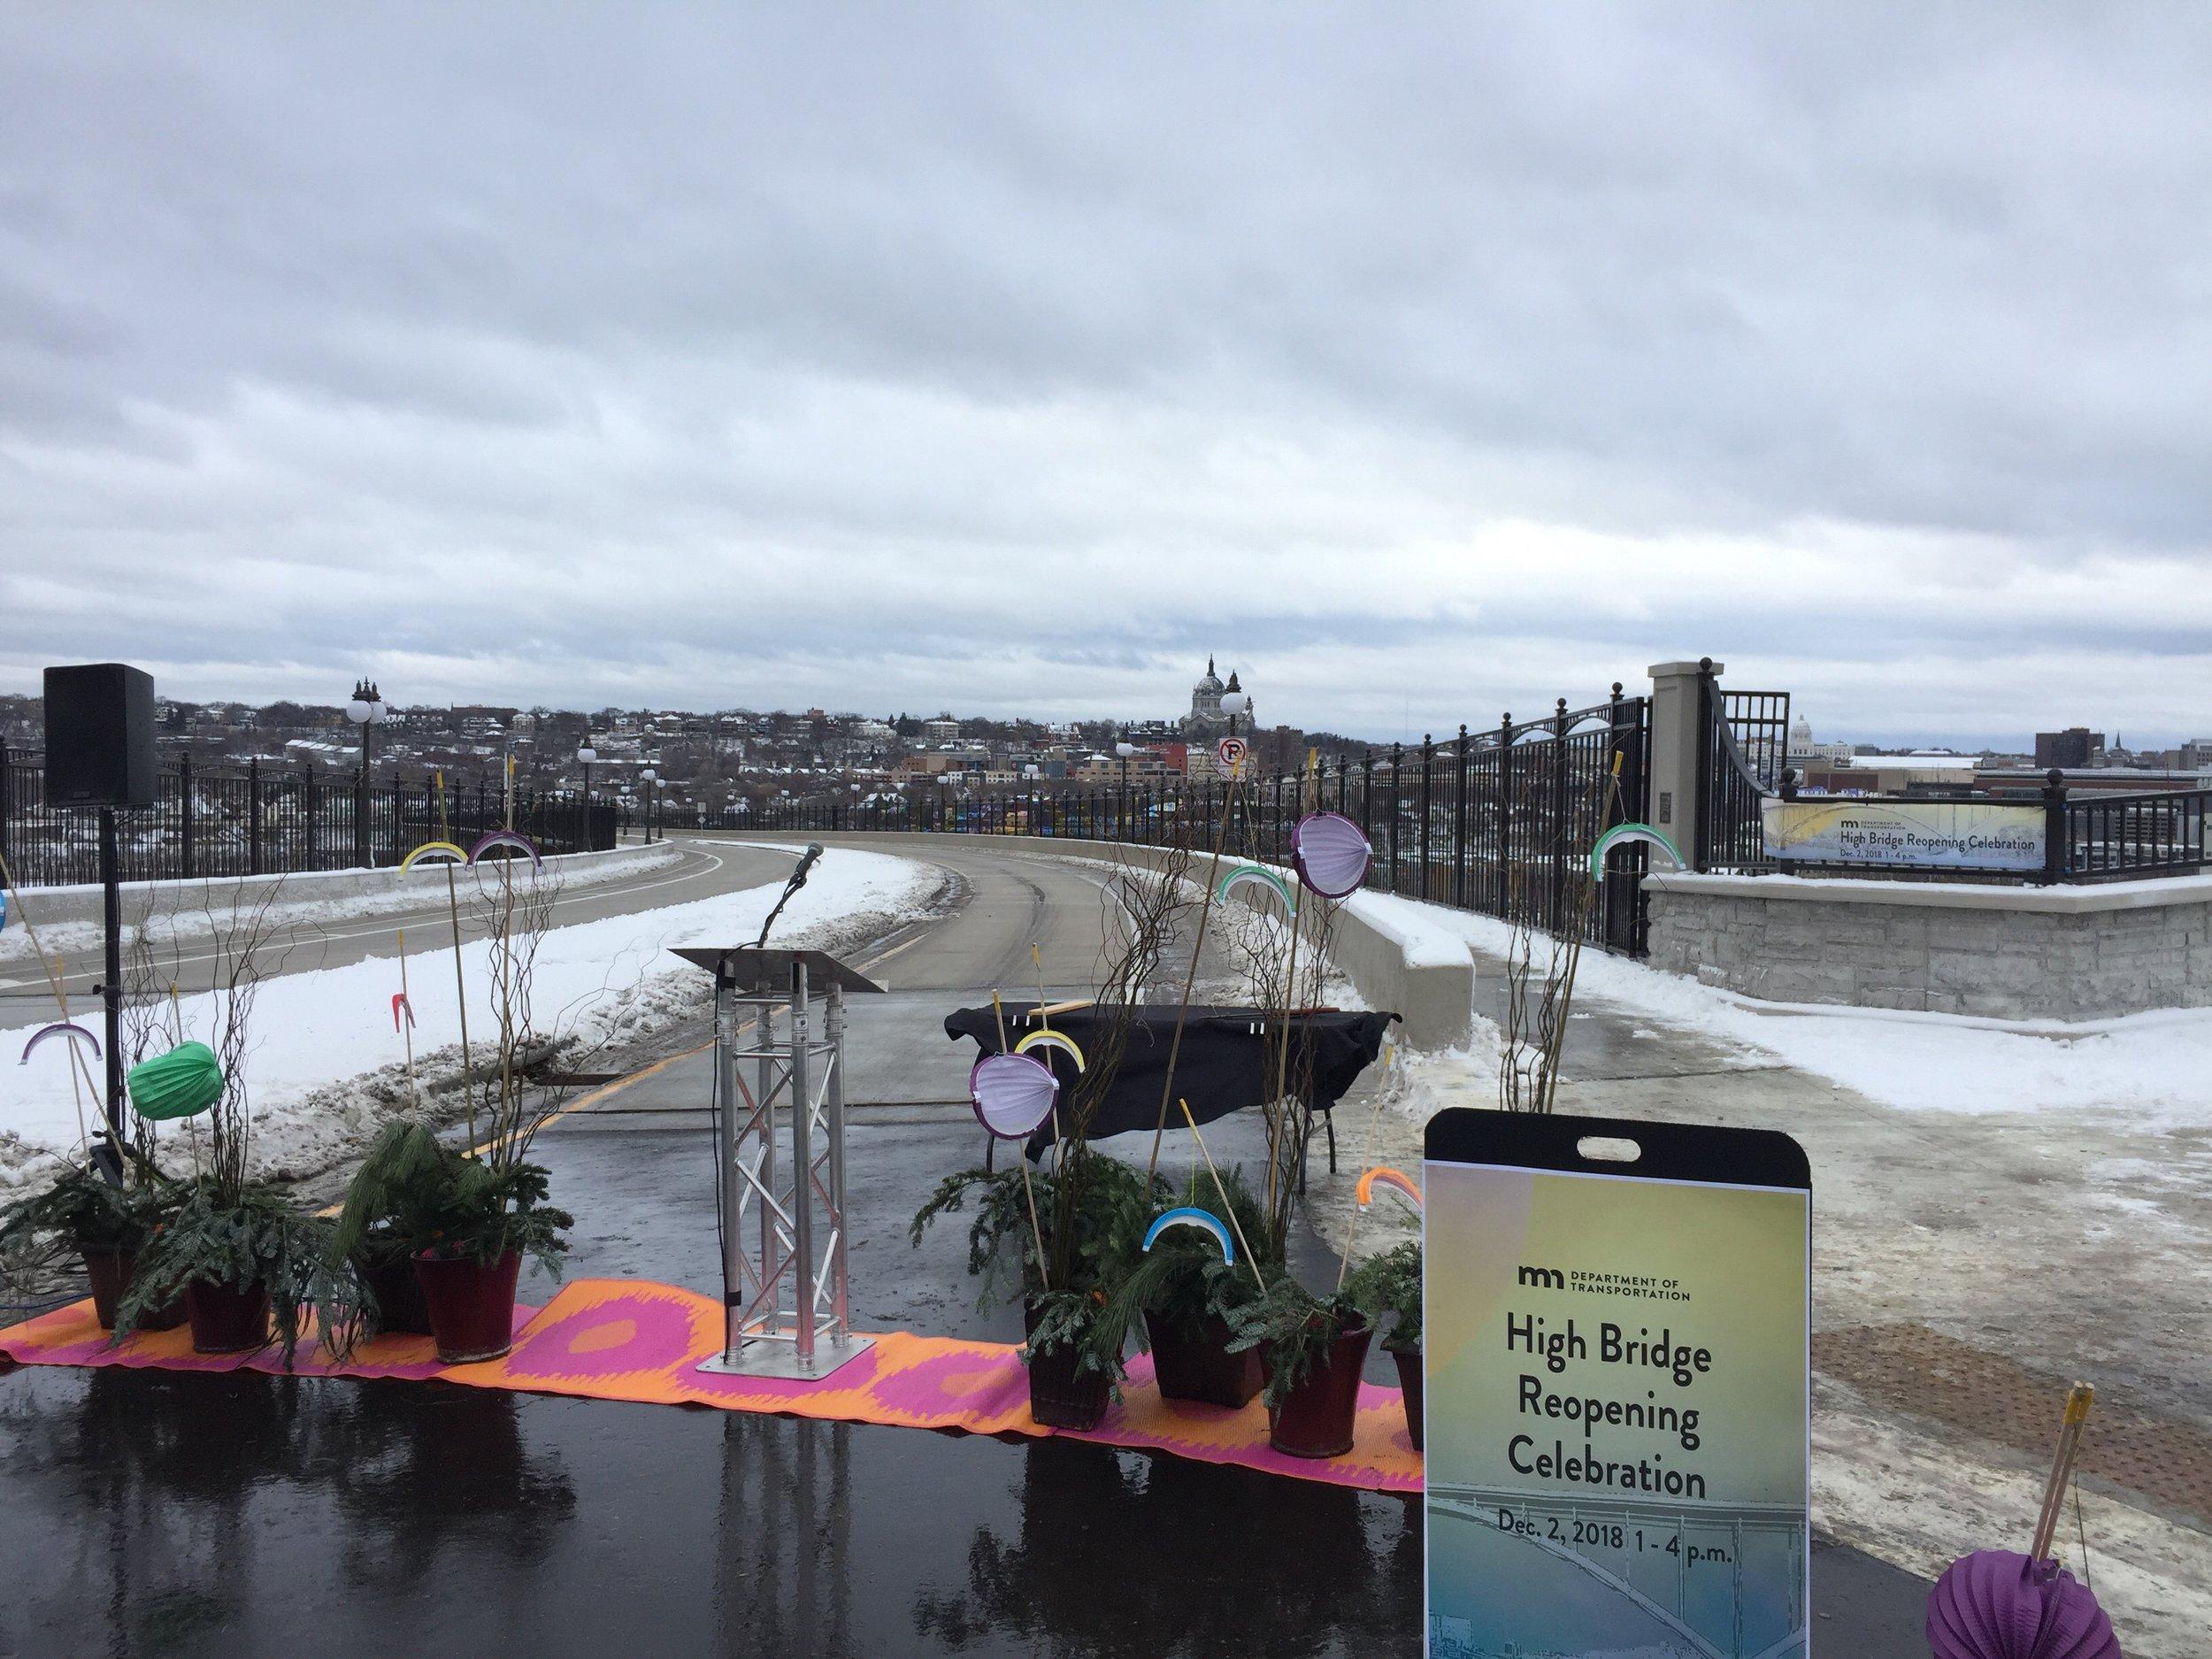 Picture of AV for You rental equipment for a bridge celebration in St Paul